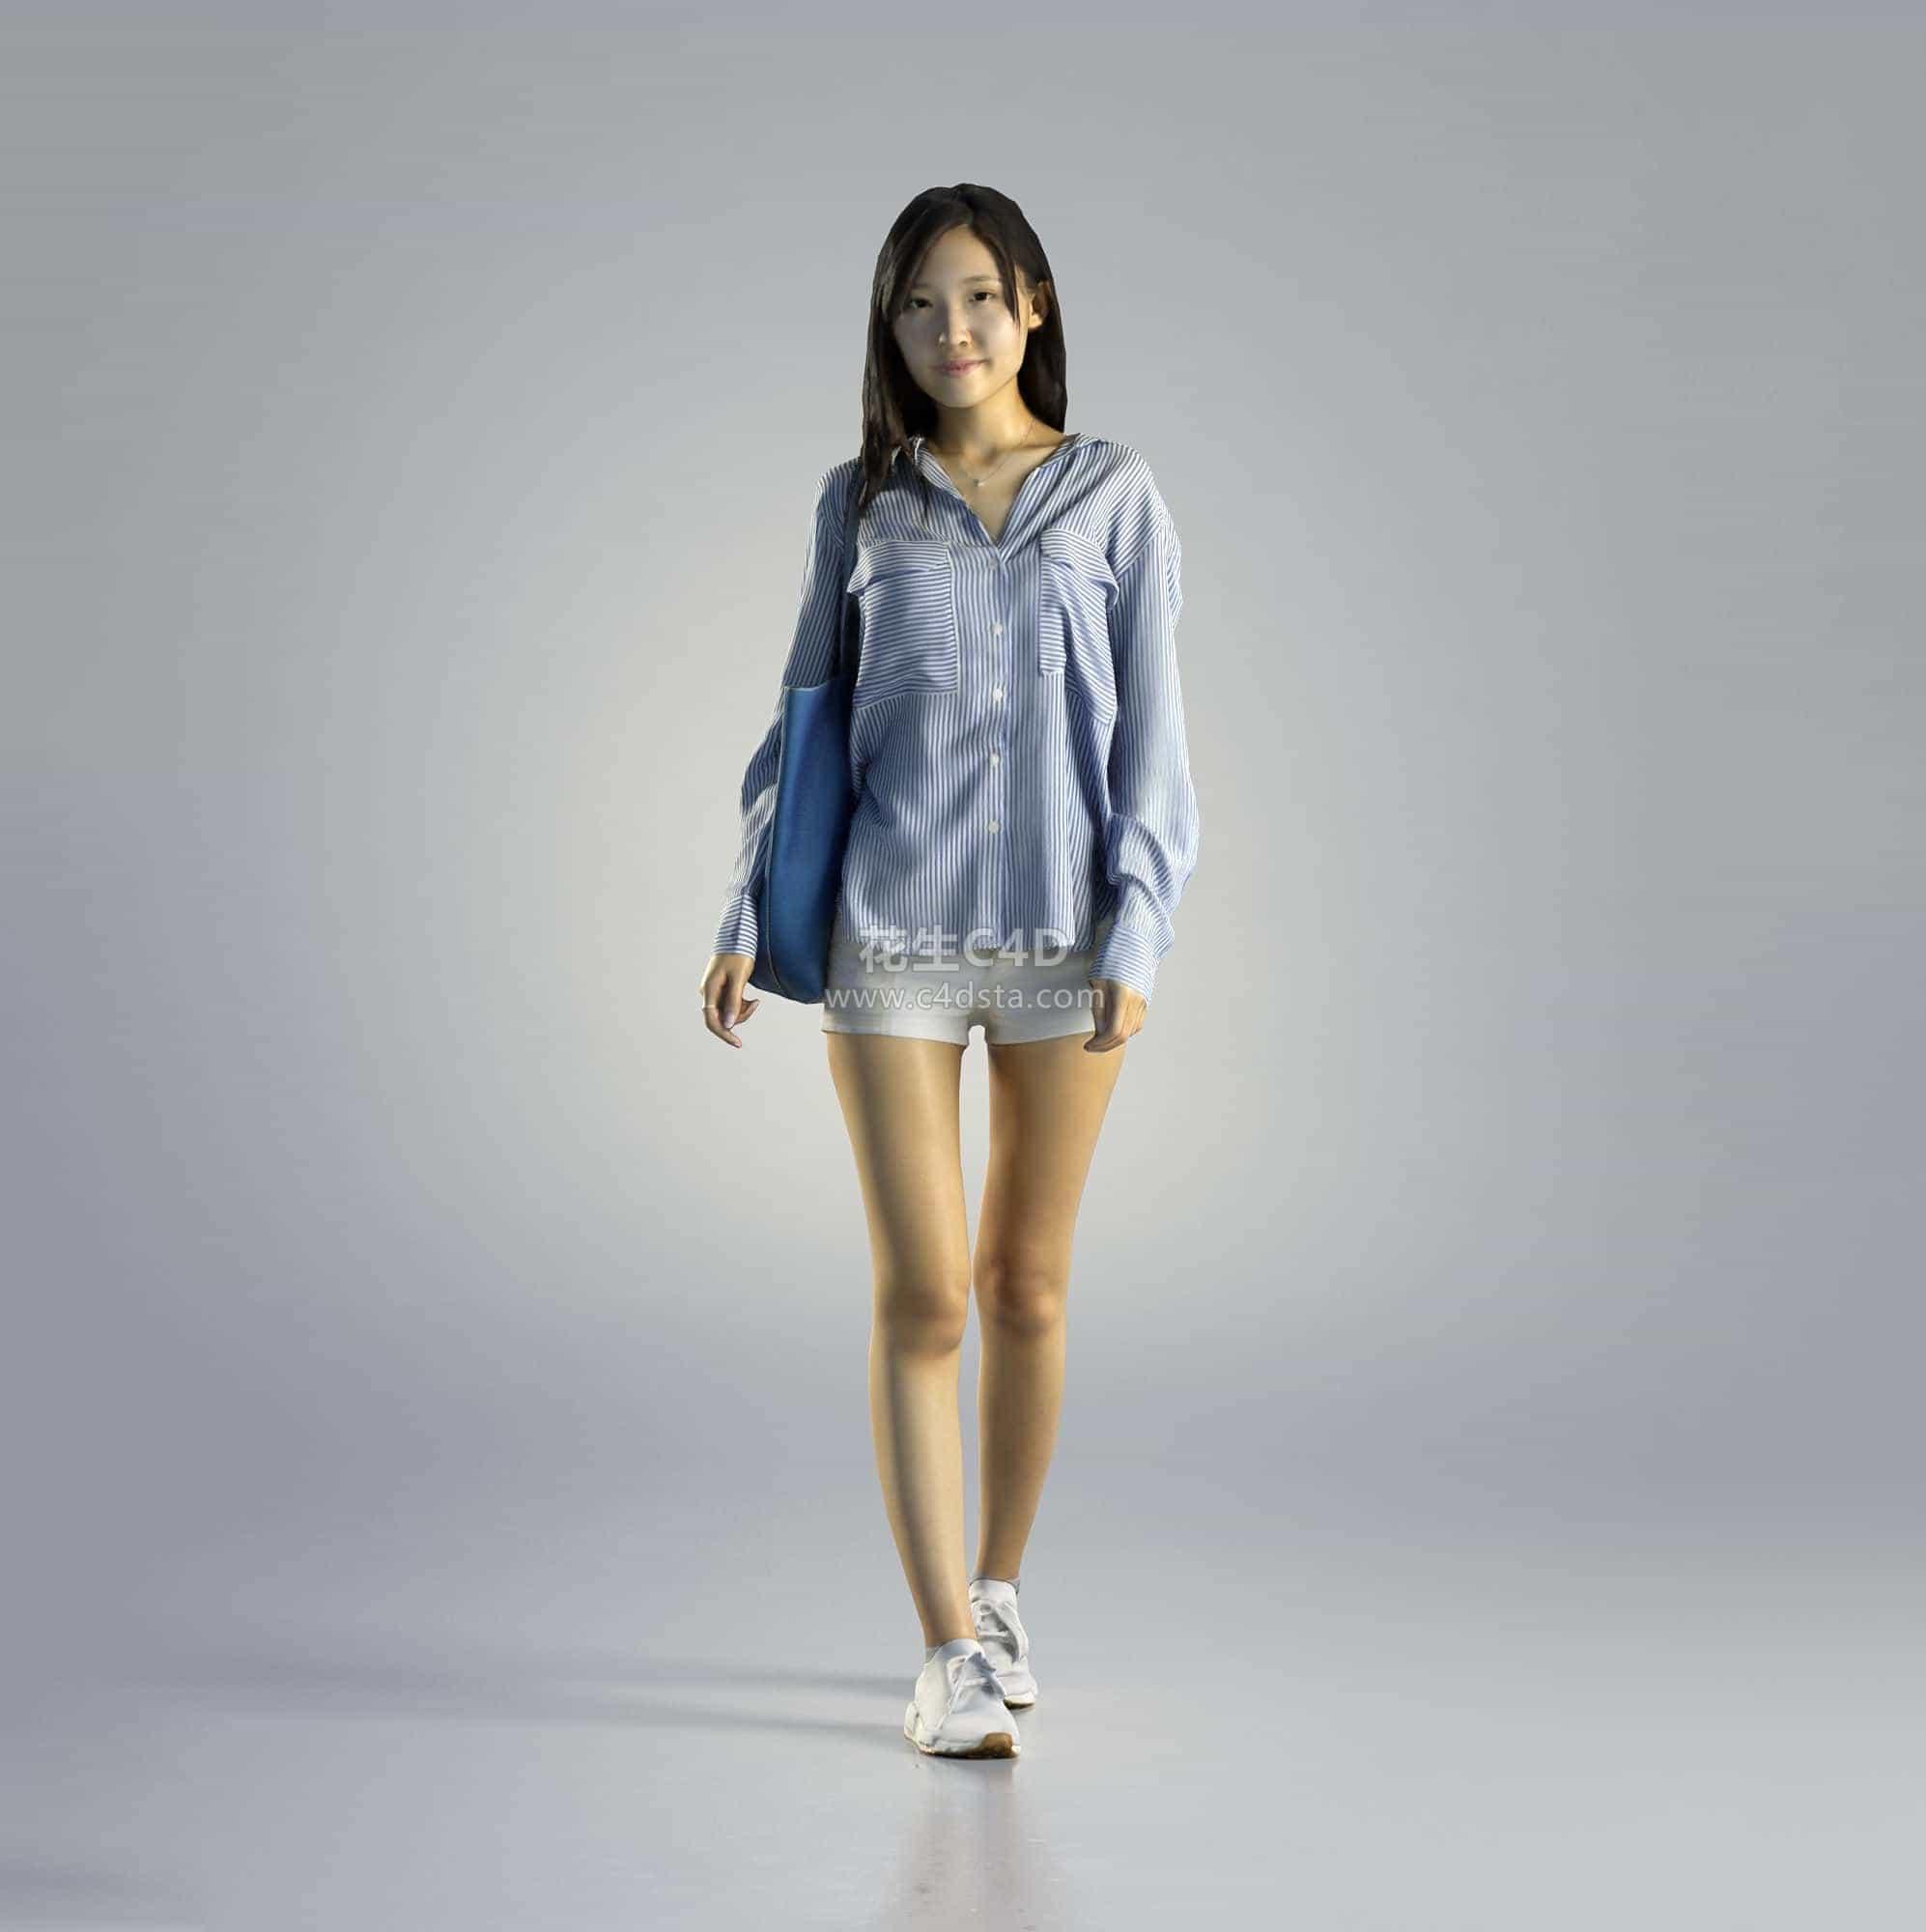 三维模型-休闲时尚女孩模型女性角色女生模型 626CG资源站